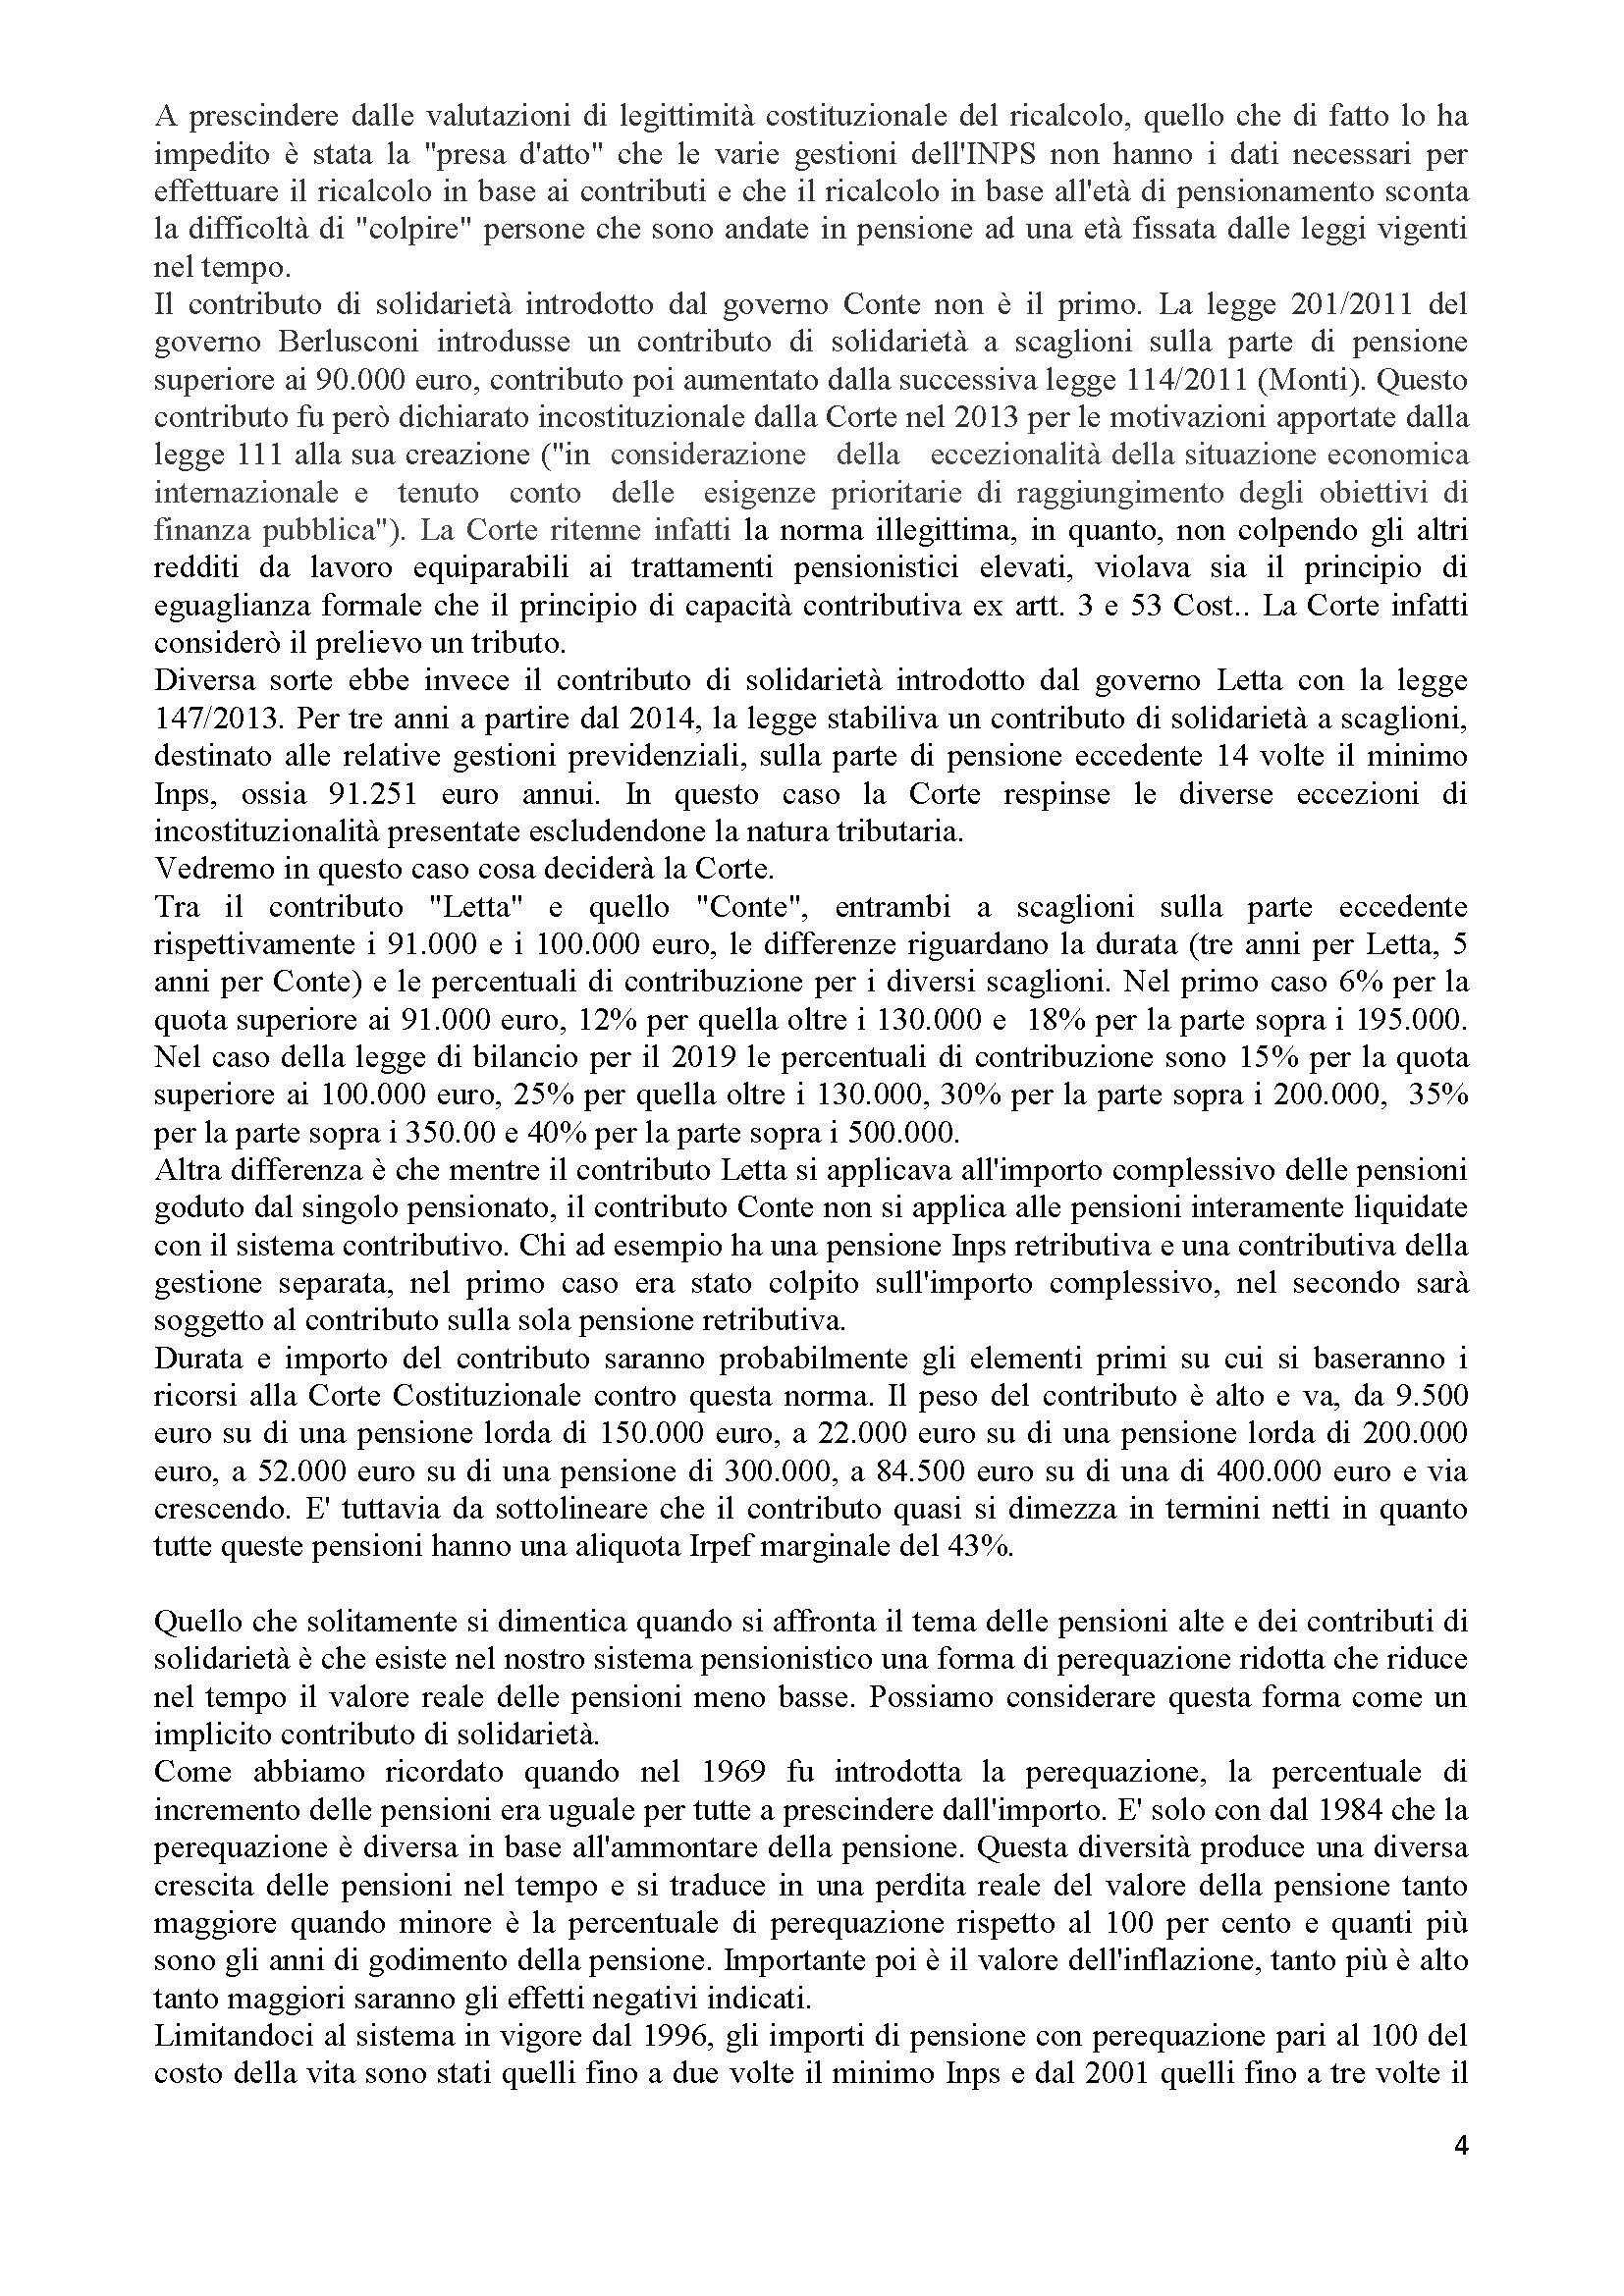 Perequazione pensioni - storia_Pagina_4